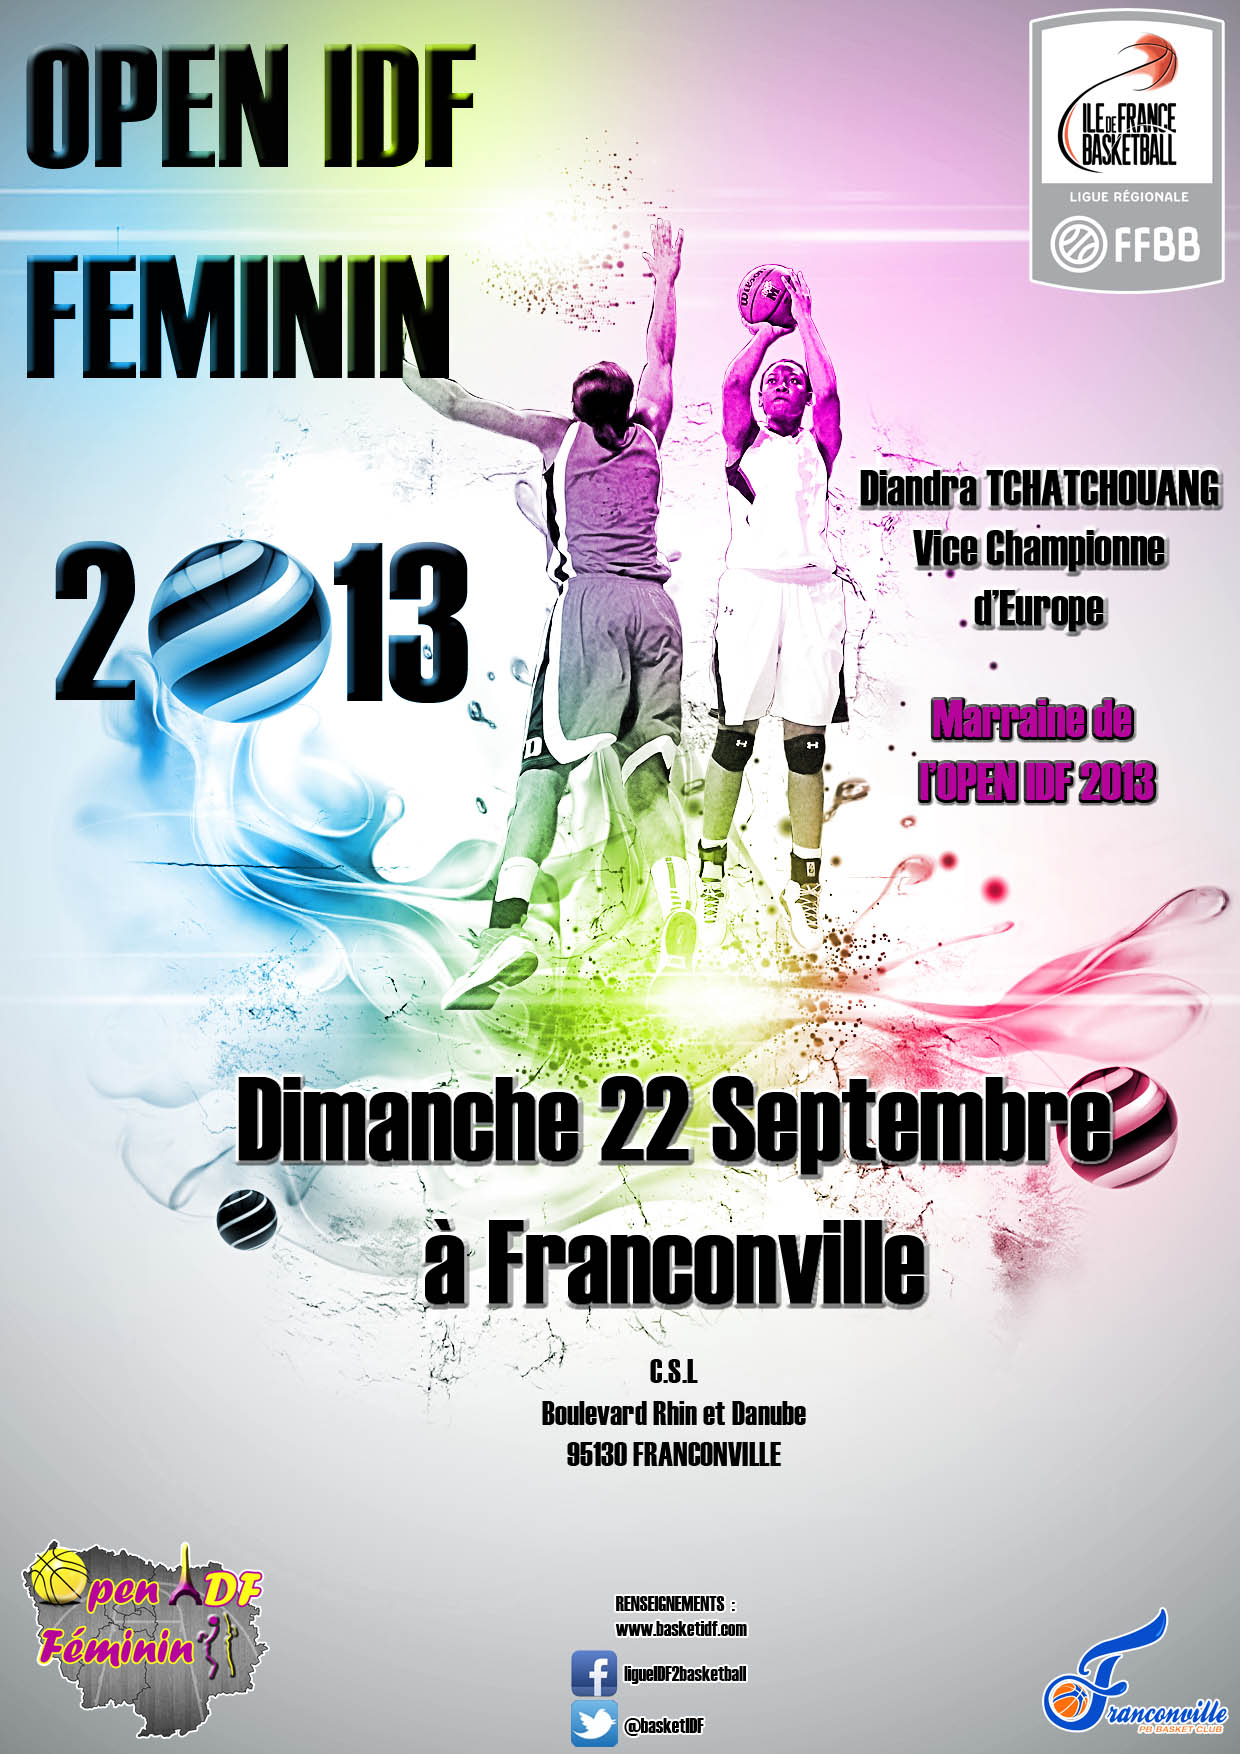 OPEN FEMININ IDF